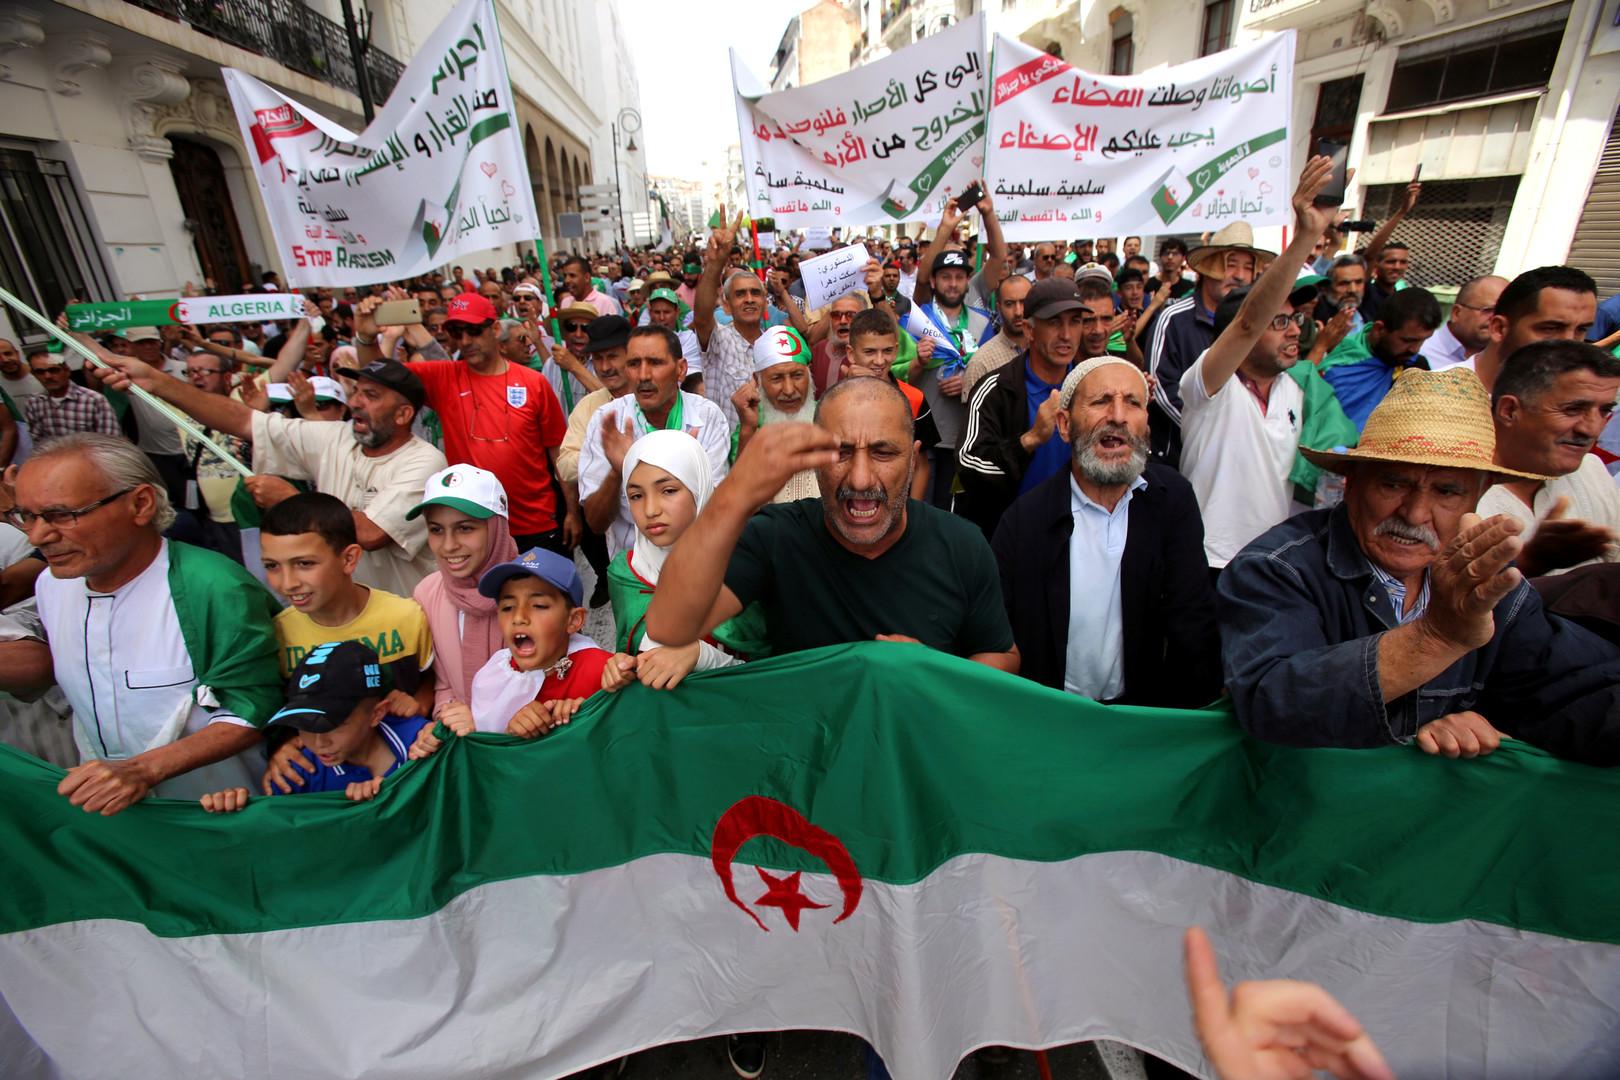 الرئيس والوزير الأول يغيبان عن نهائي كأس الجزائر